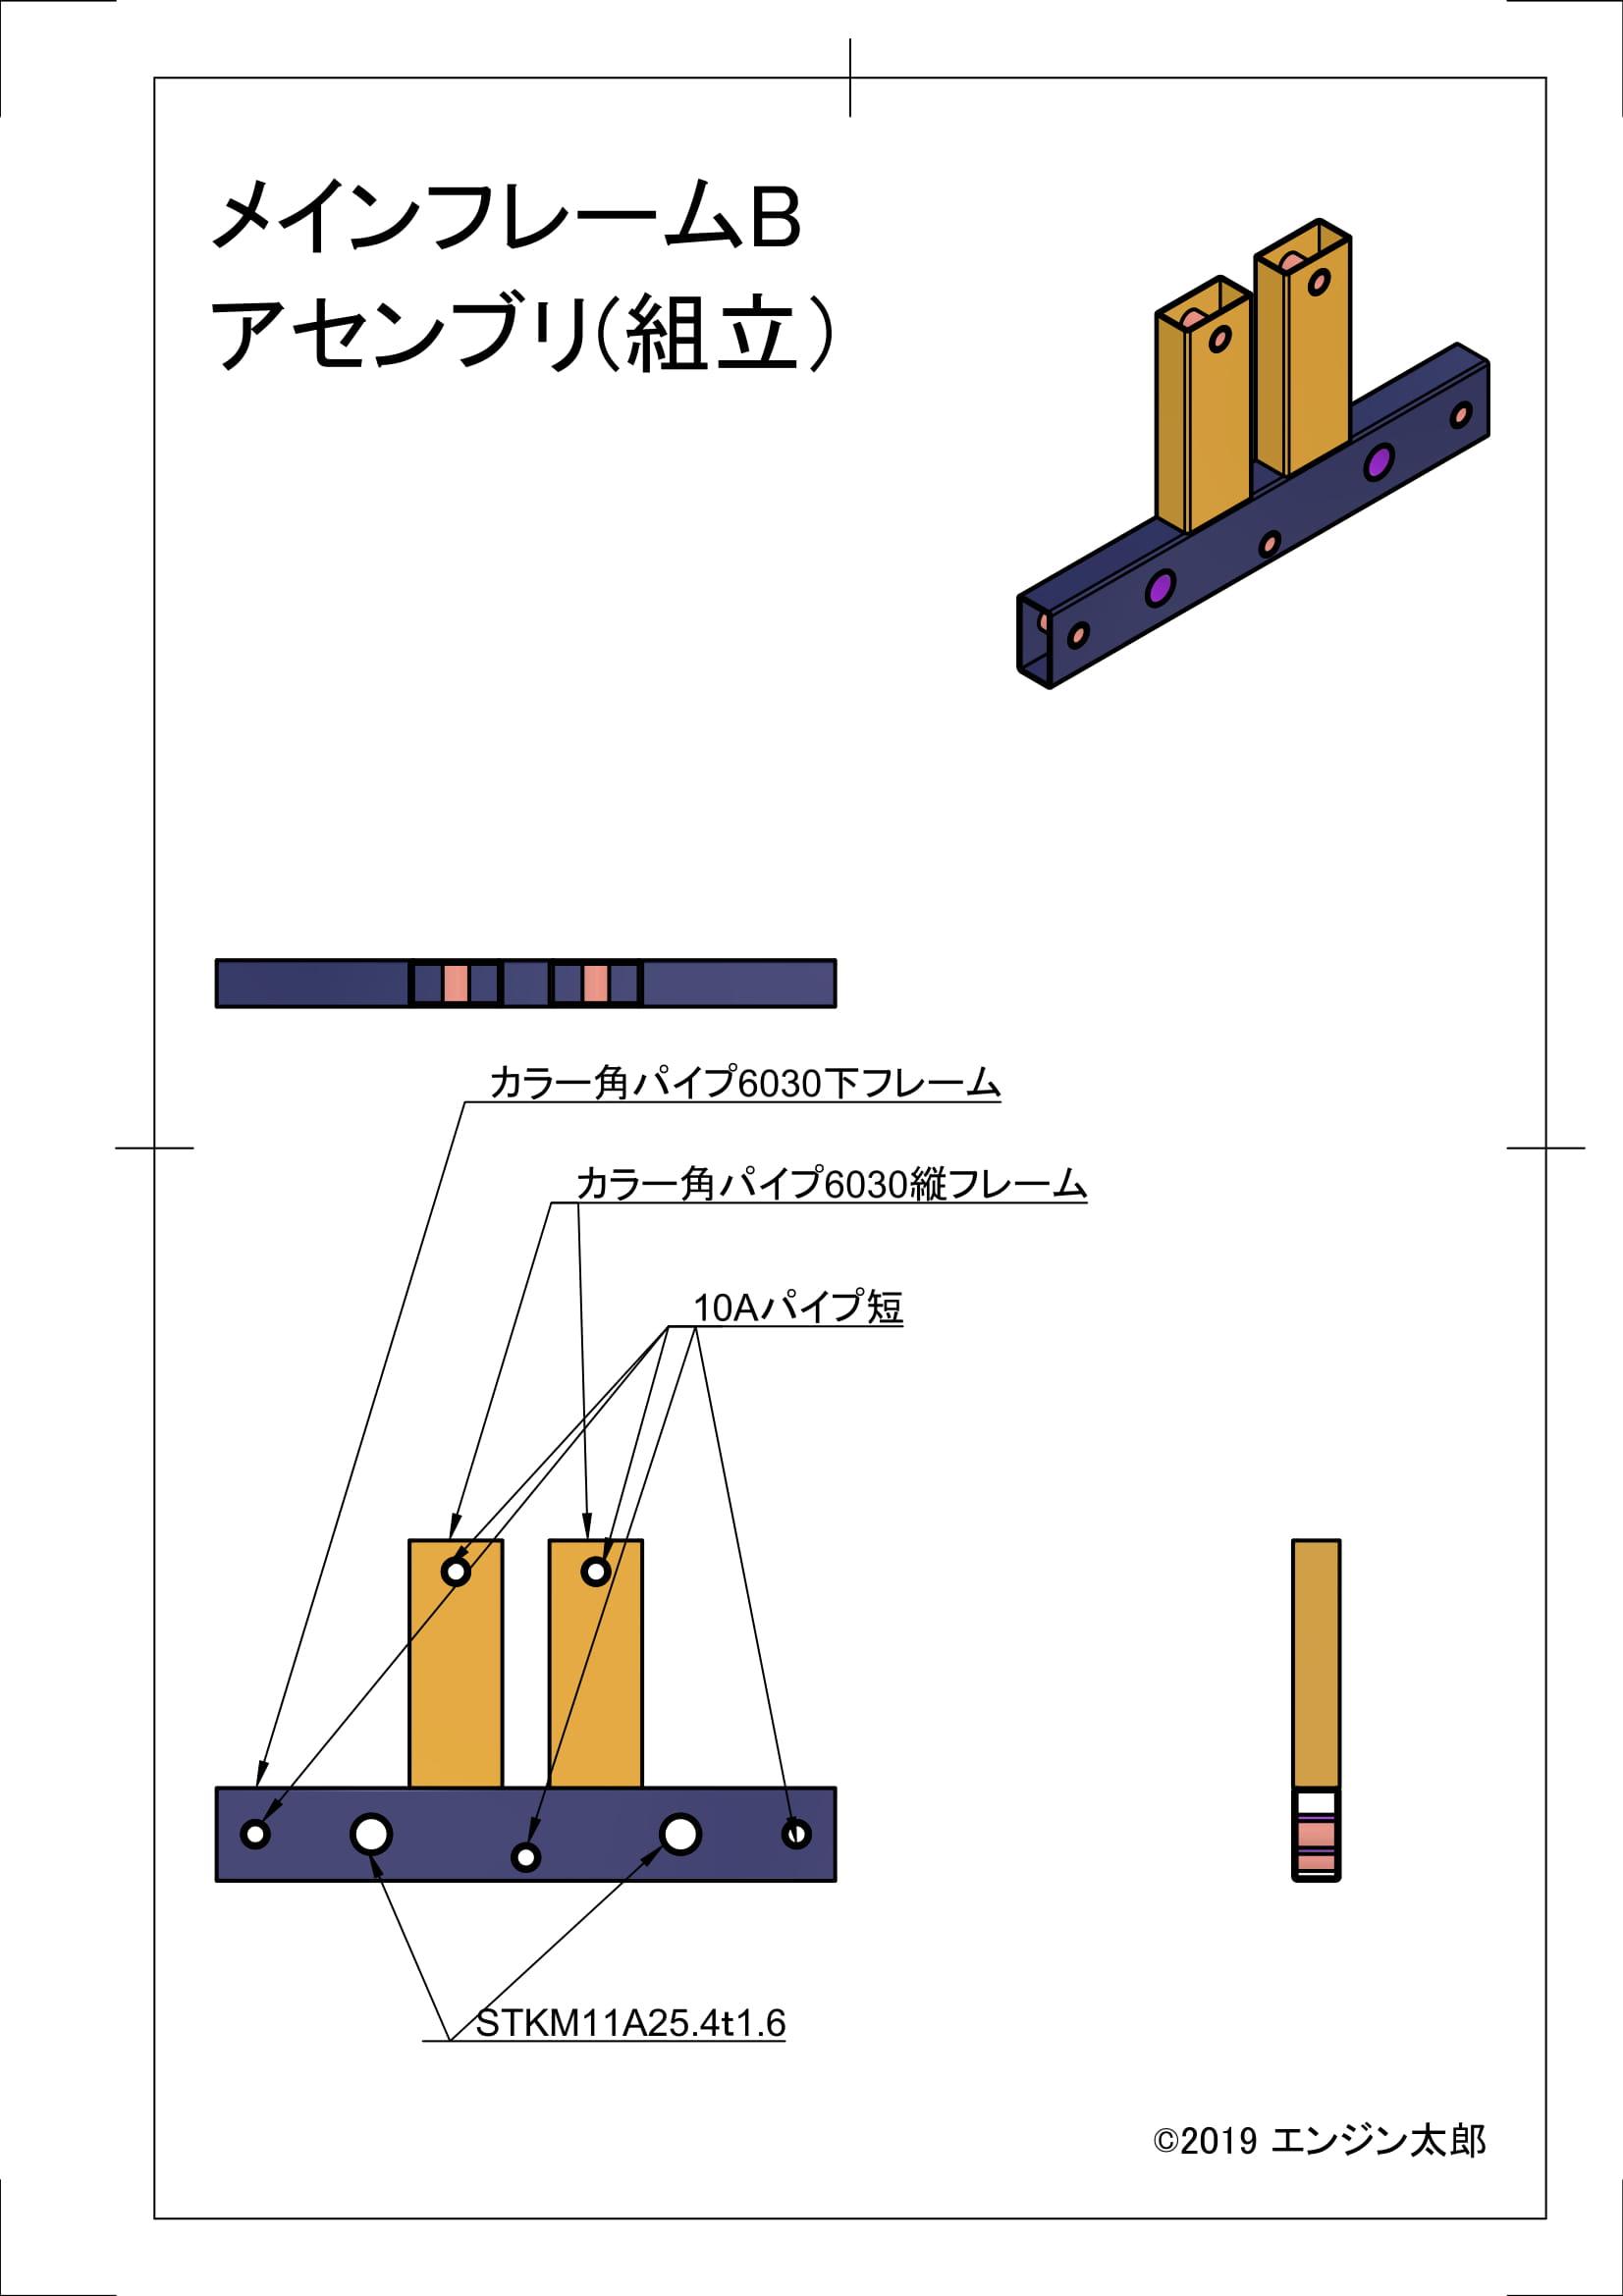 6チューブローラー2_メインフレームBアセンブリ組立-1